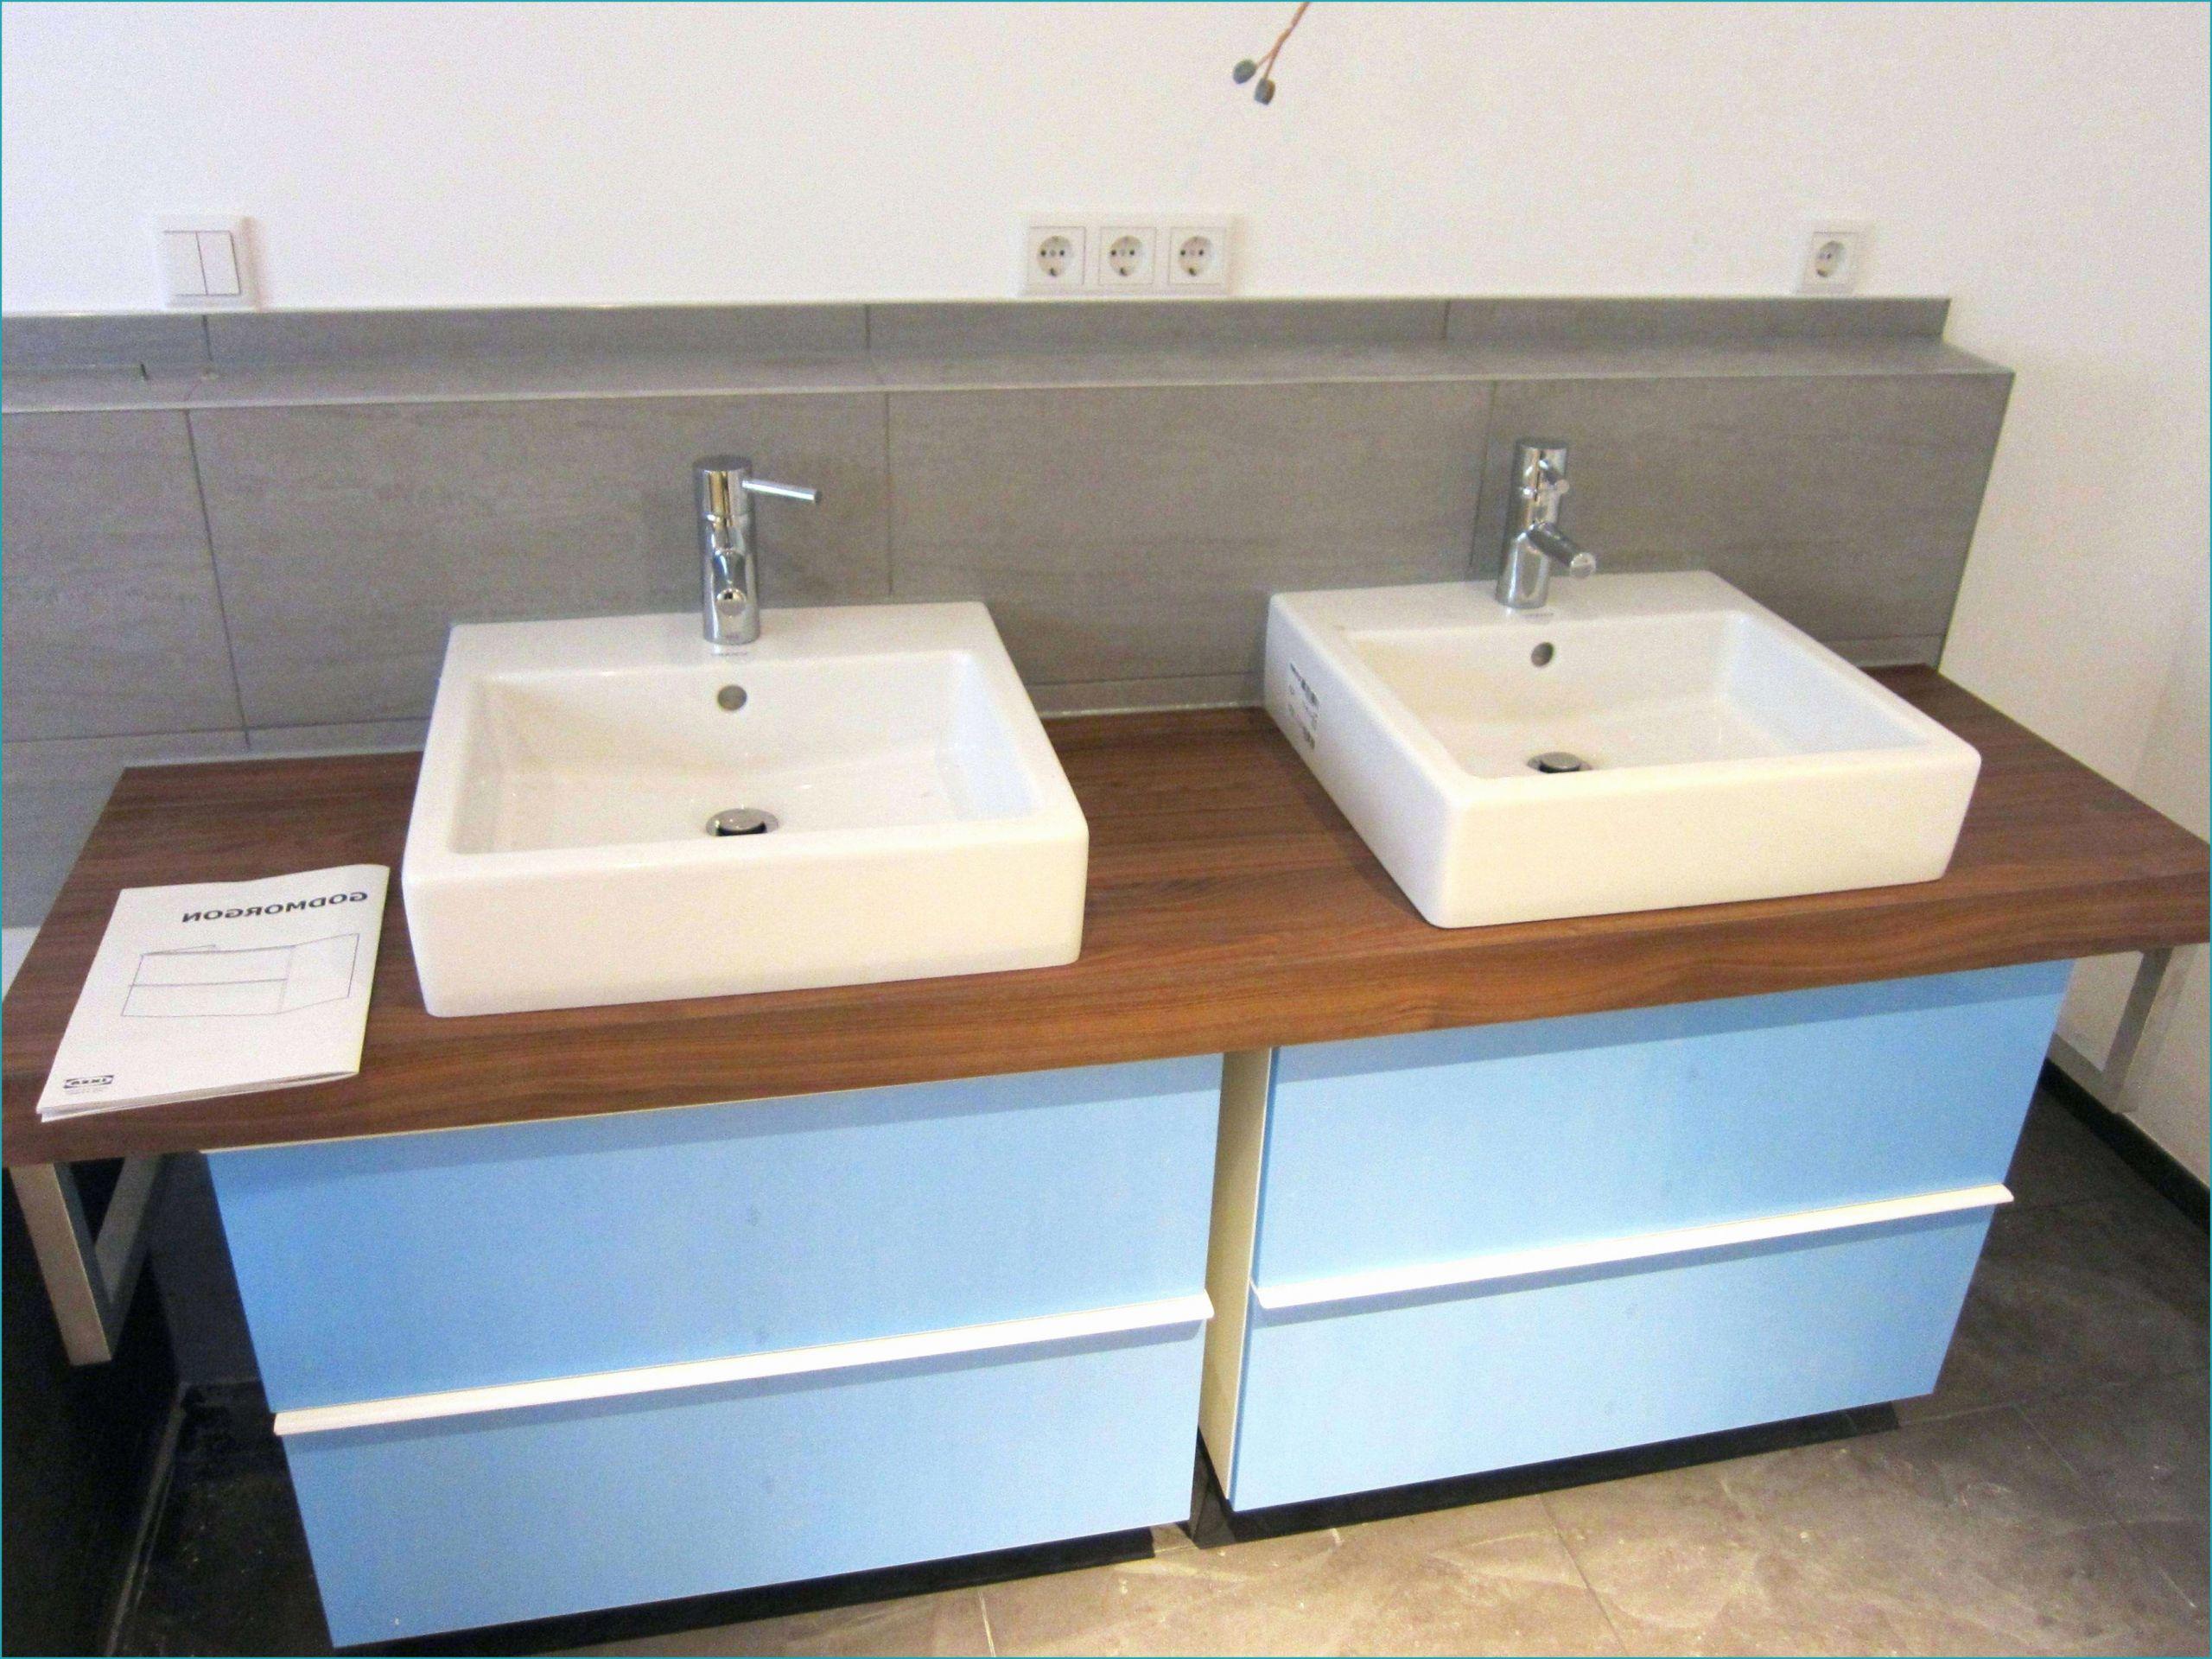 badezimmer ideen holz genial badezimmer deko selber machen schon bad mit holz bad mit holz